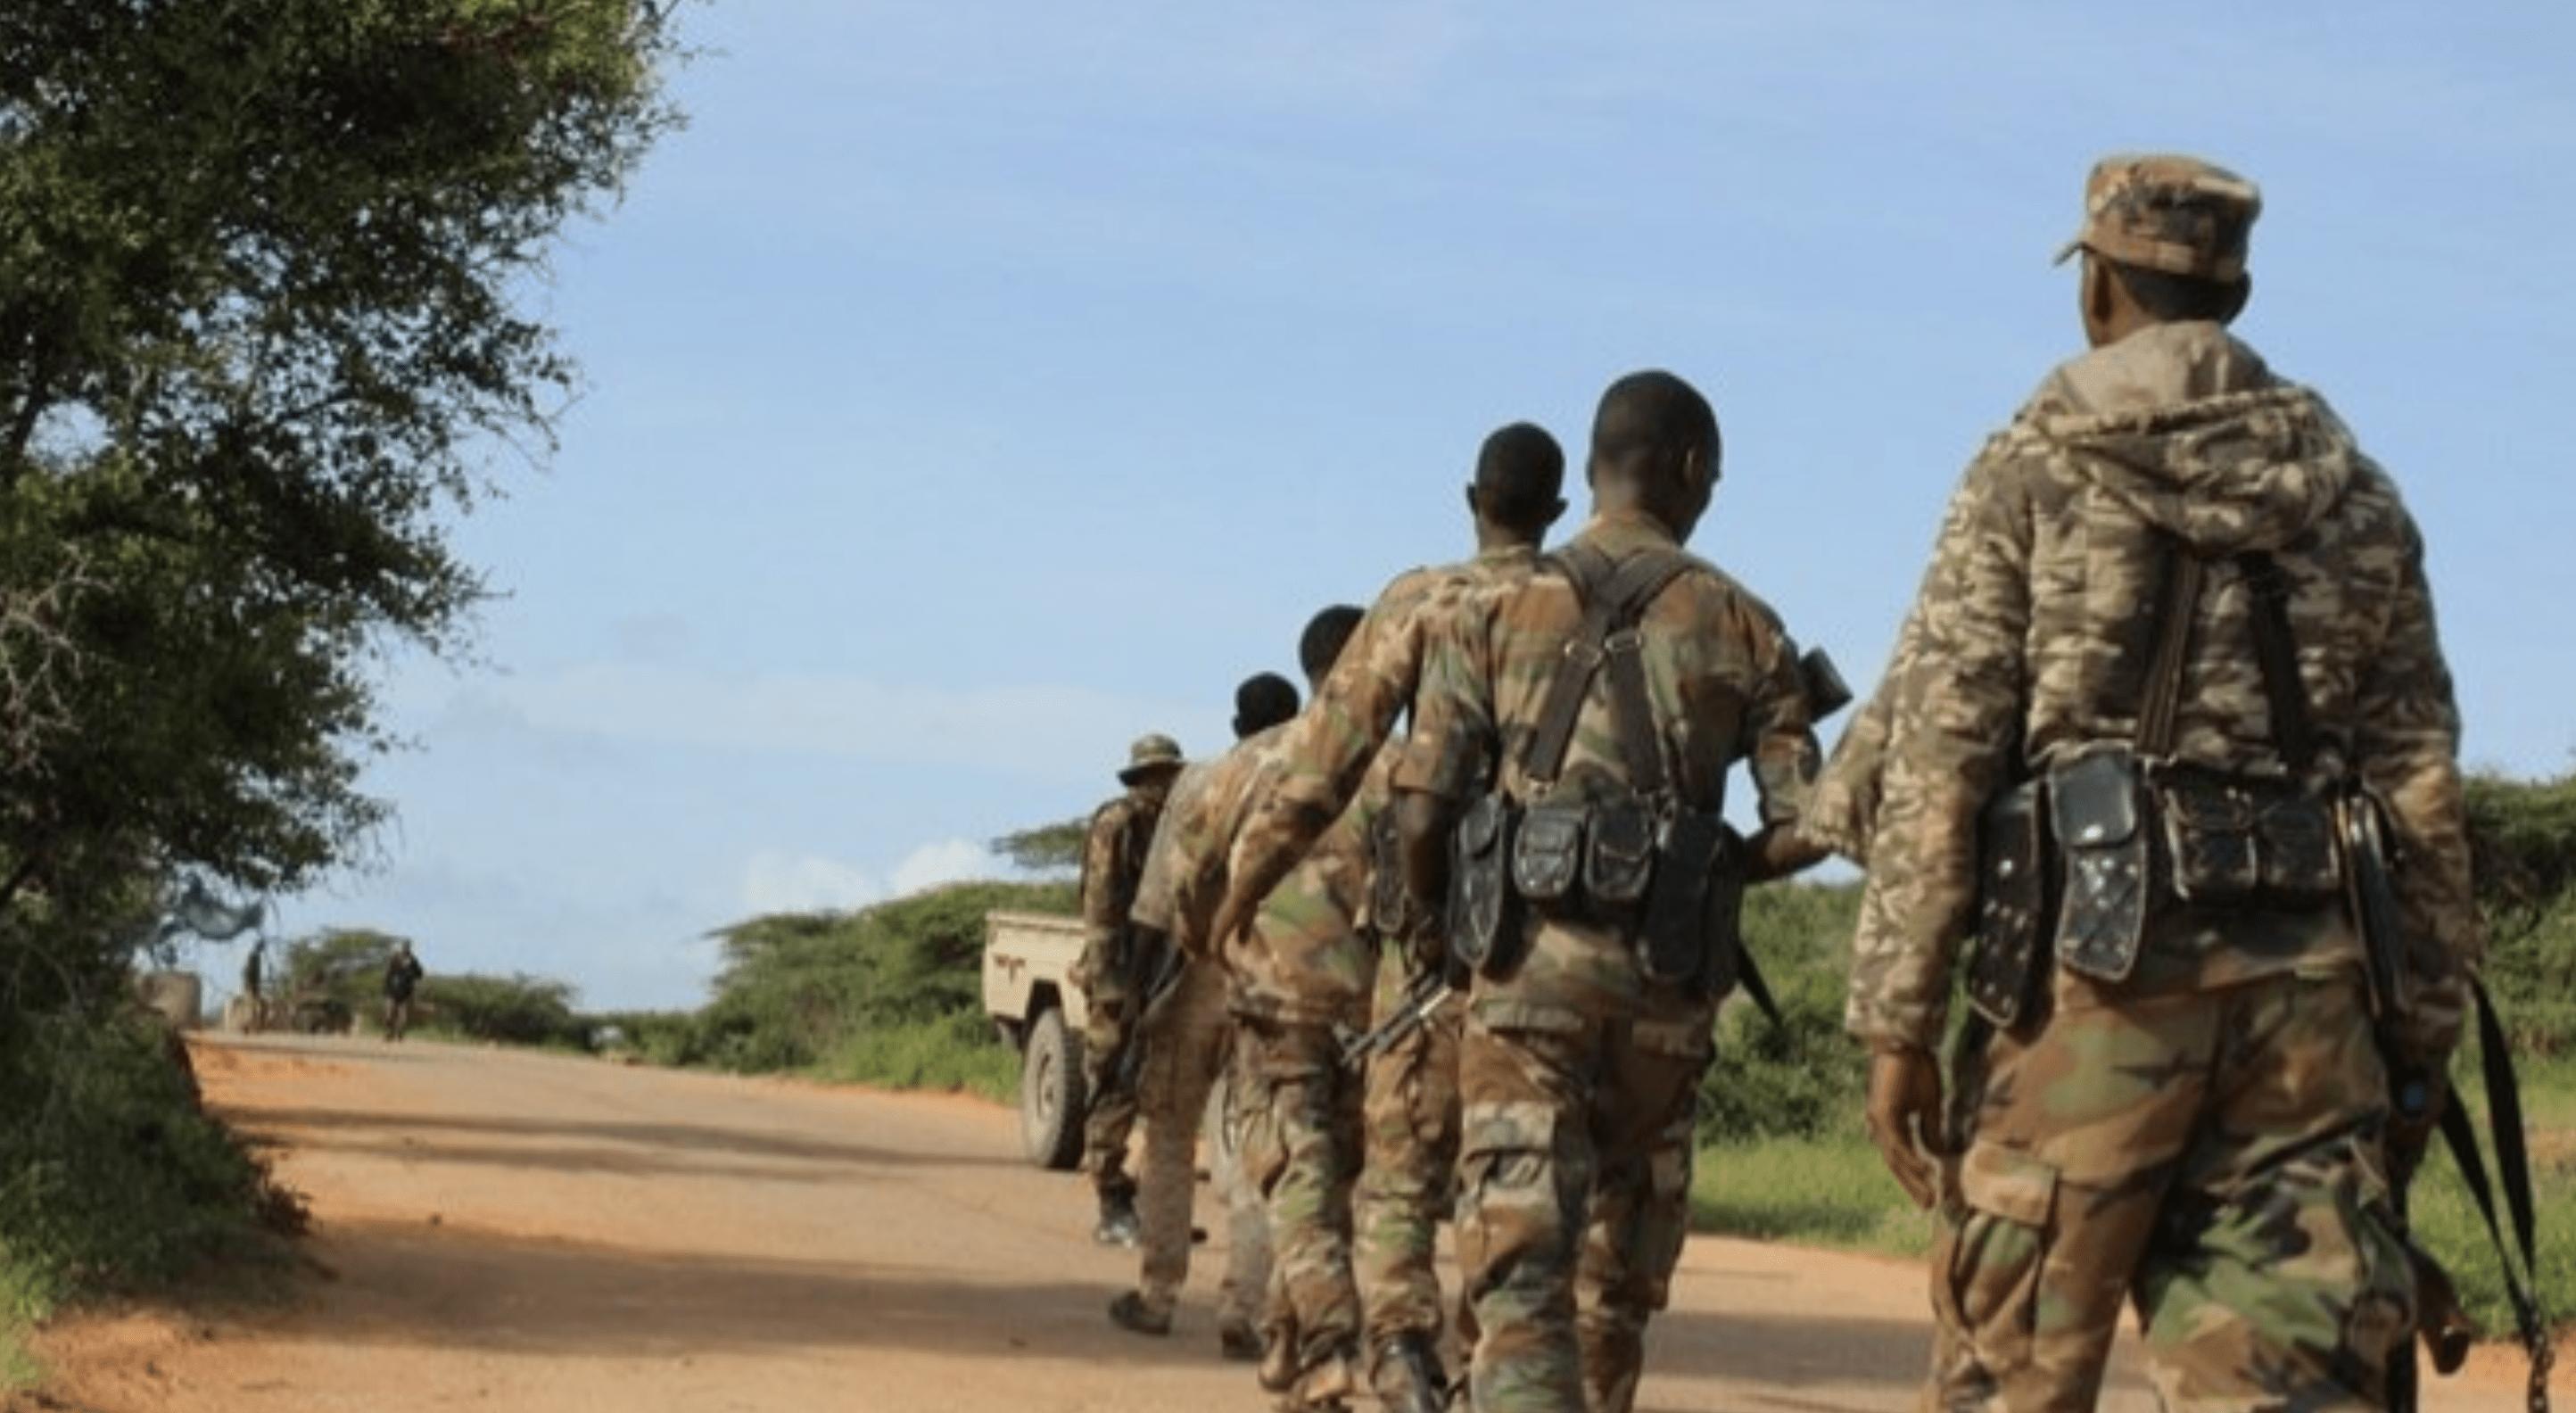 Jubaland Forces